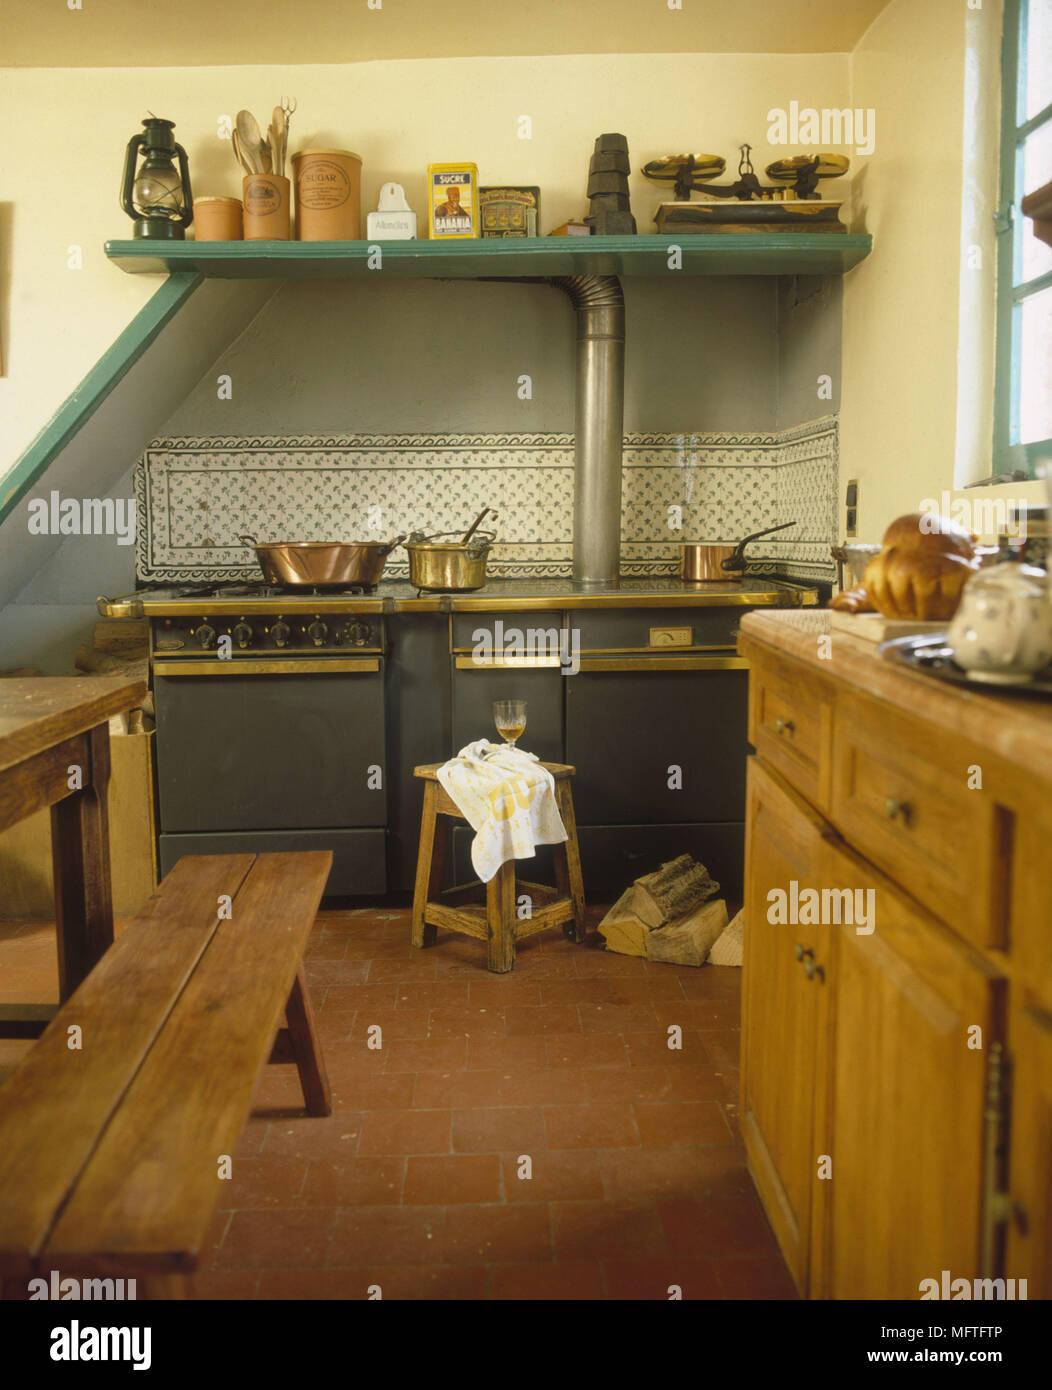 Traditionelle Kuche Gelbe Wande Holz Einheiten Gefullten